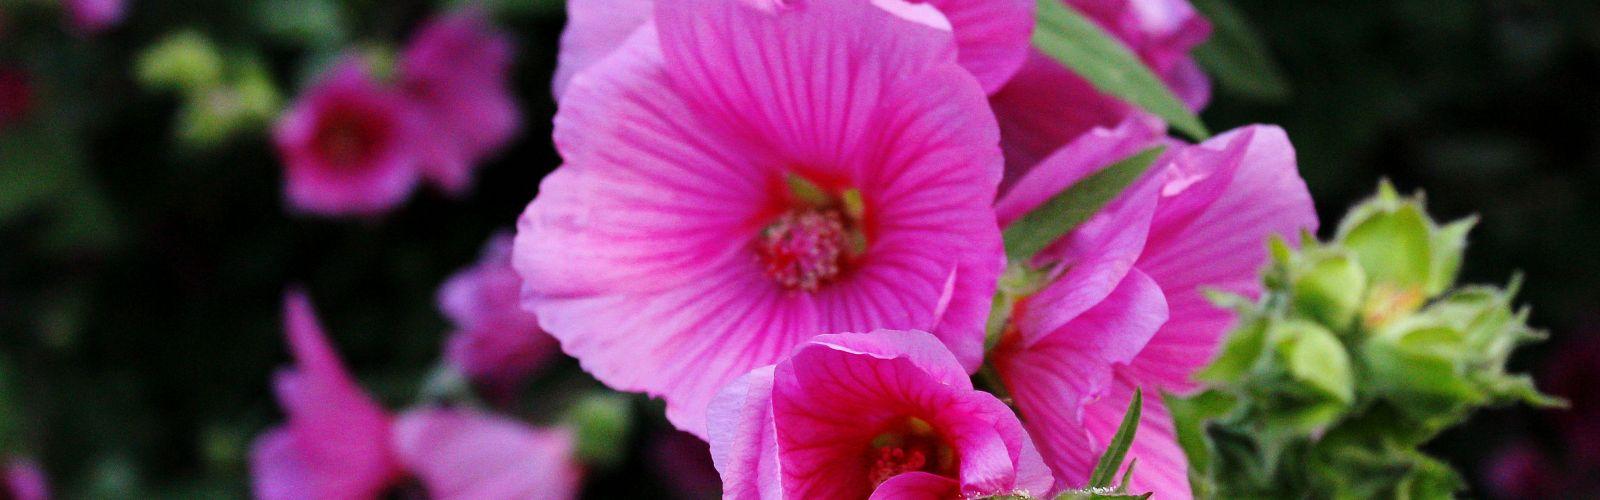 a close up of pink petunia